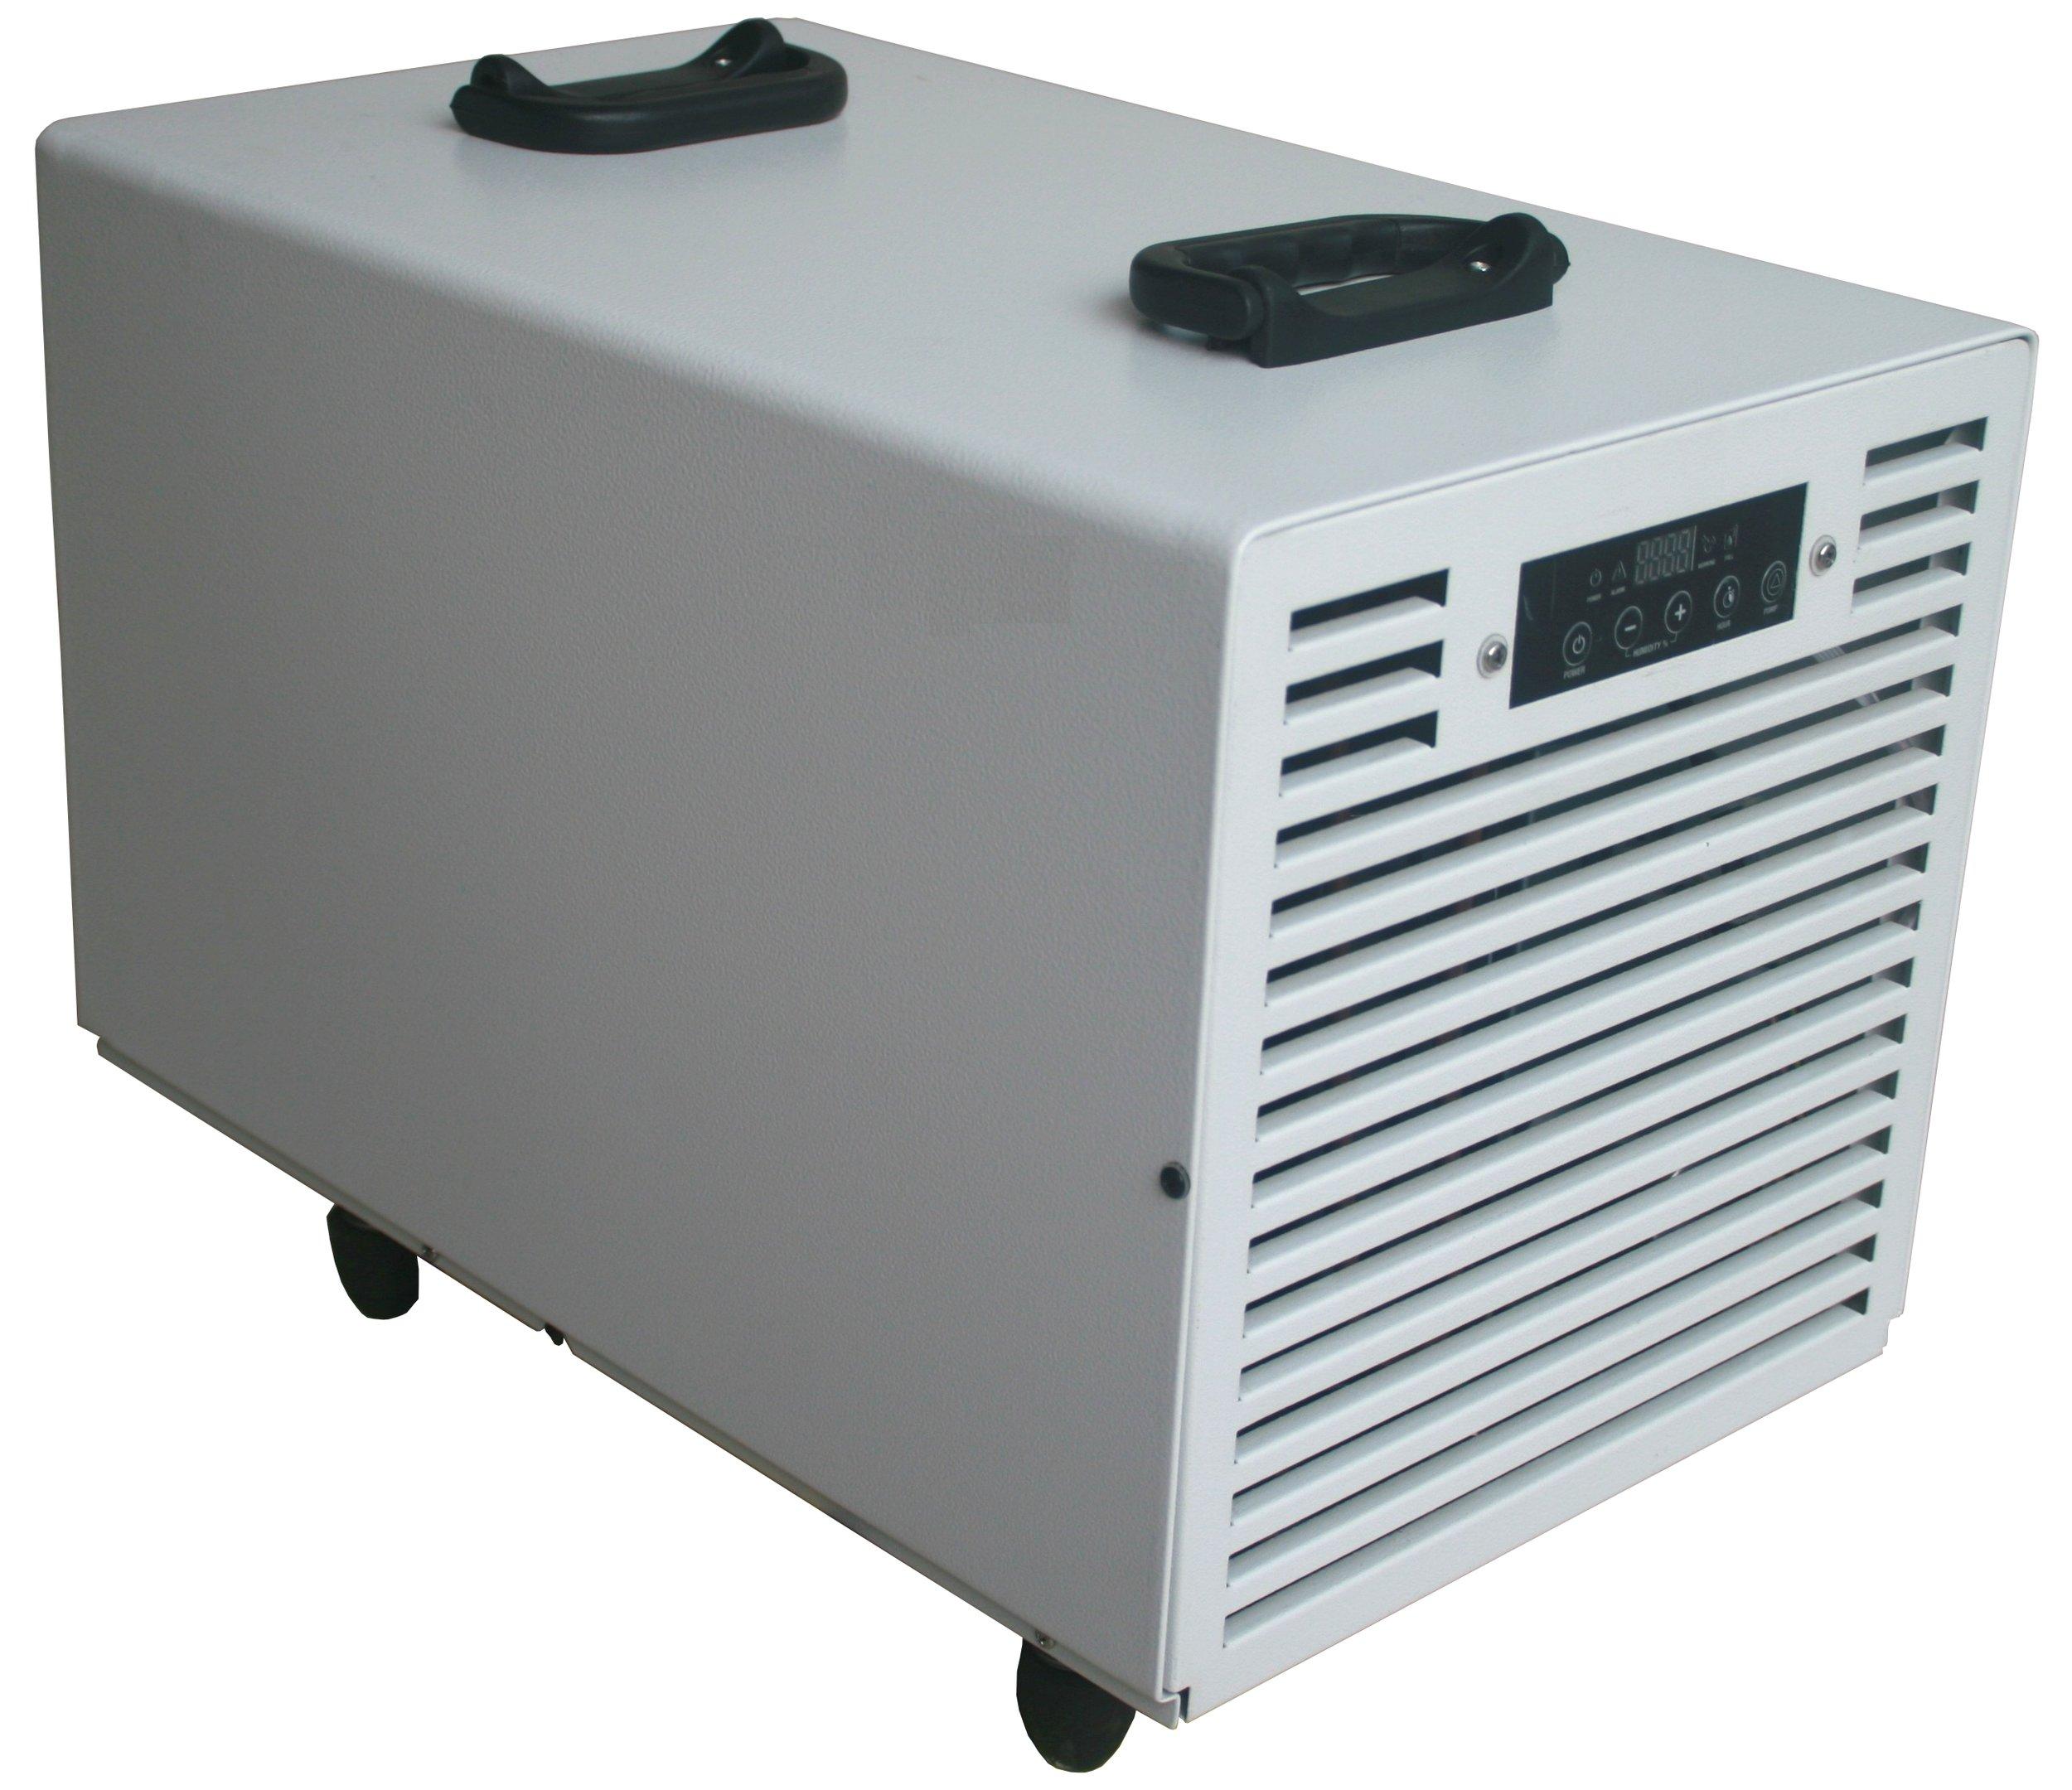 Horizon FDK 100 - Kompakter, leistungsfähiger Luftentfeuchter